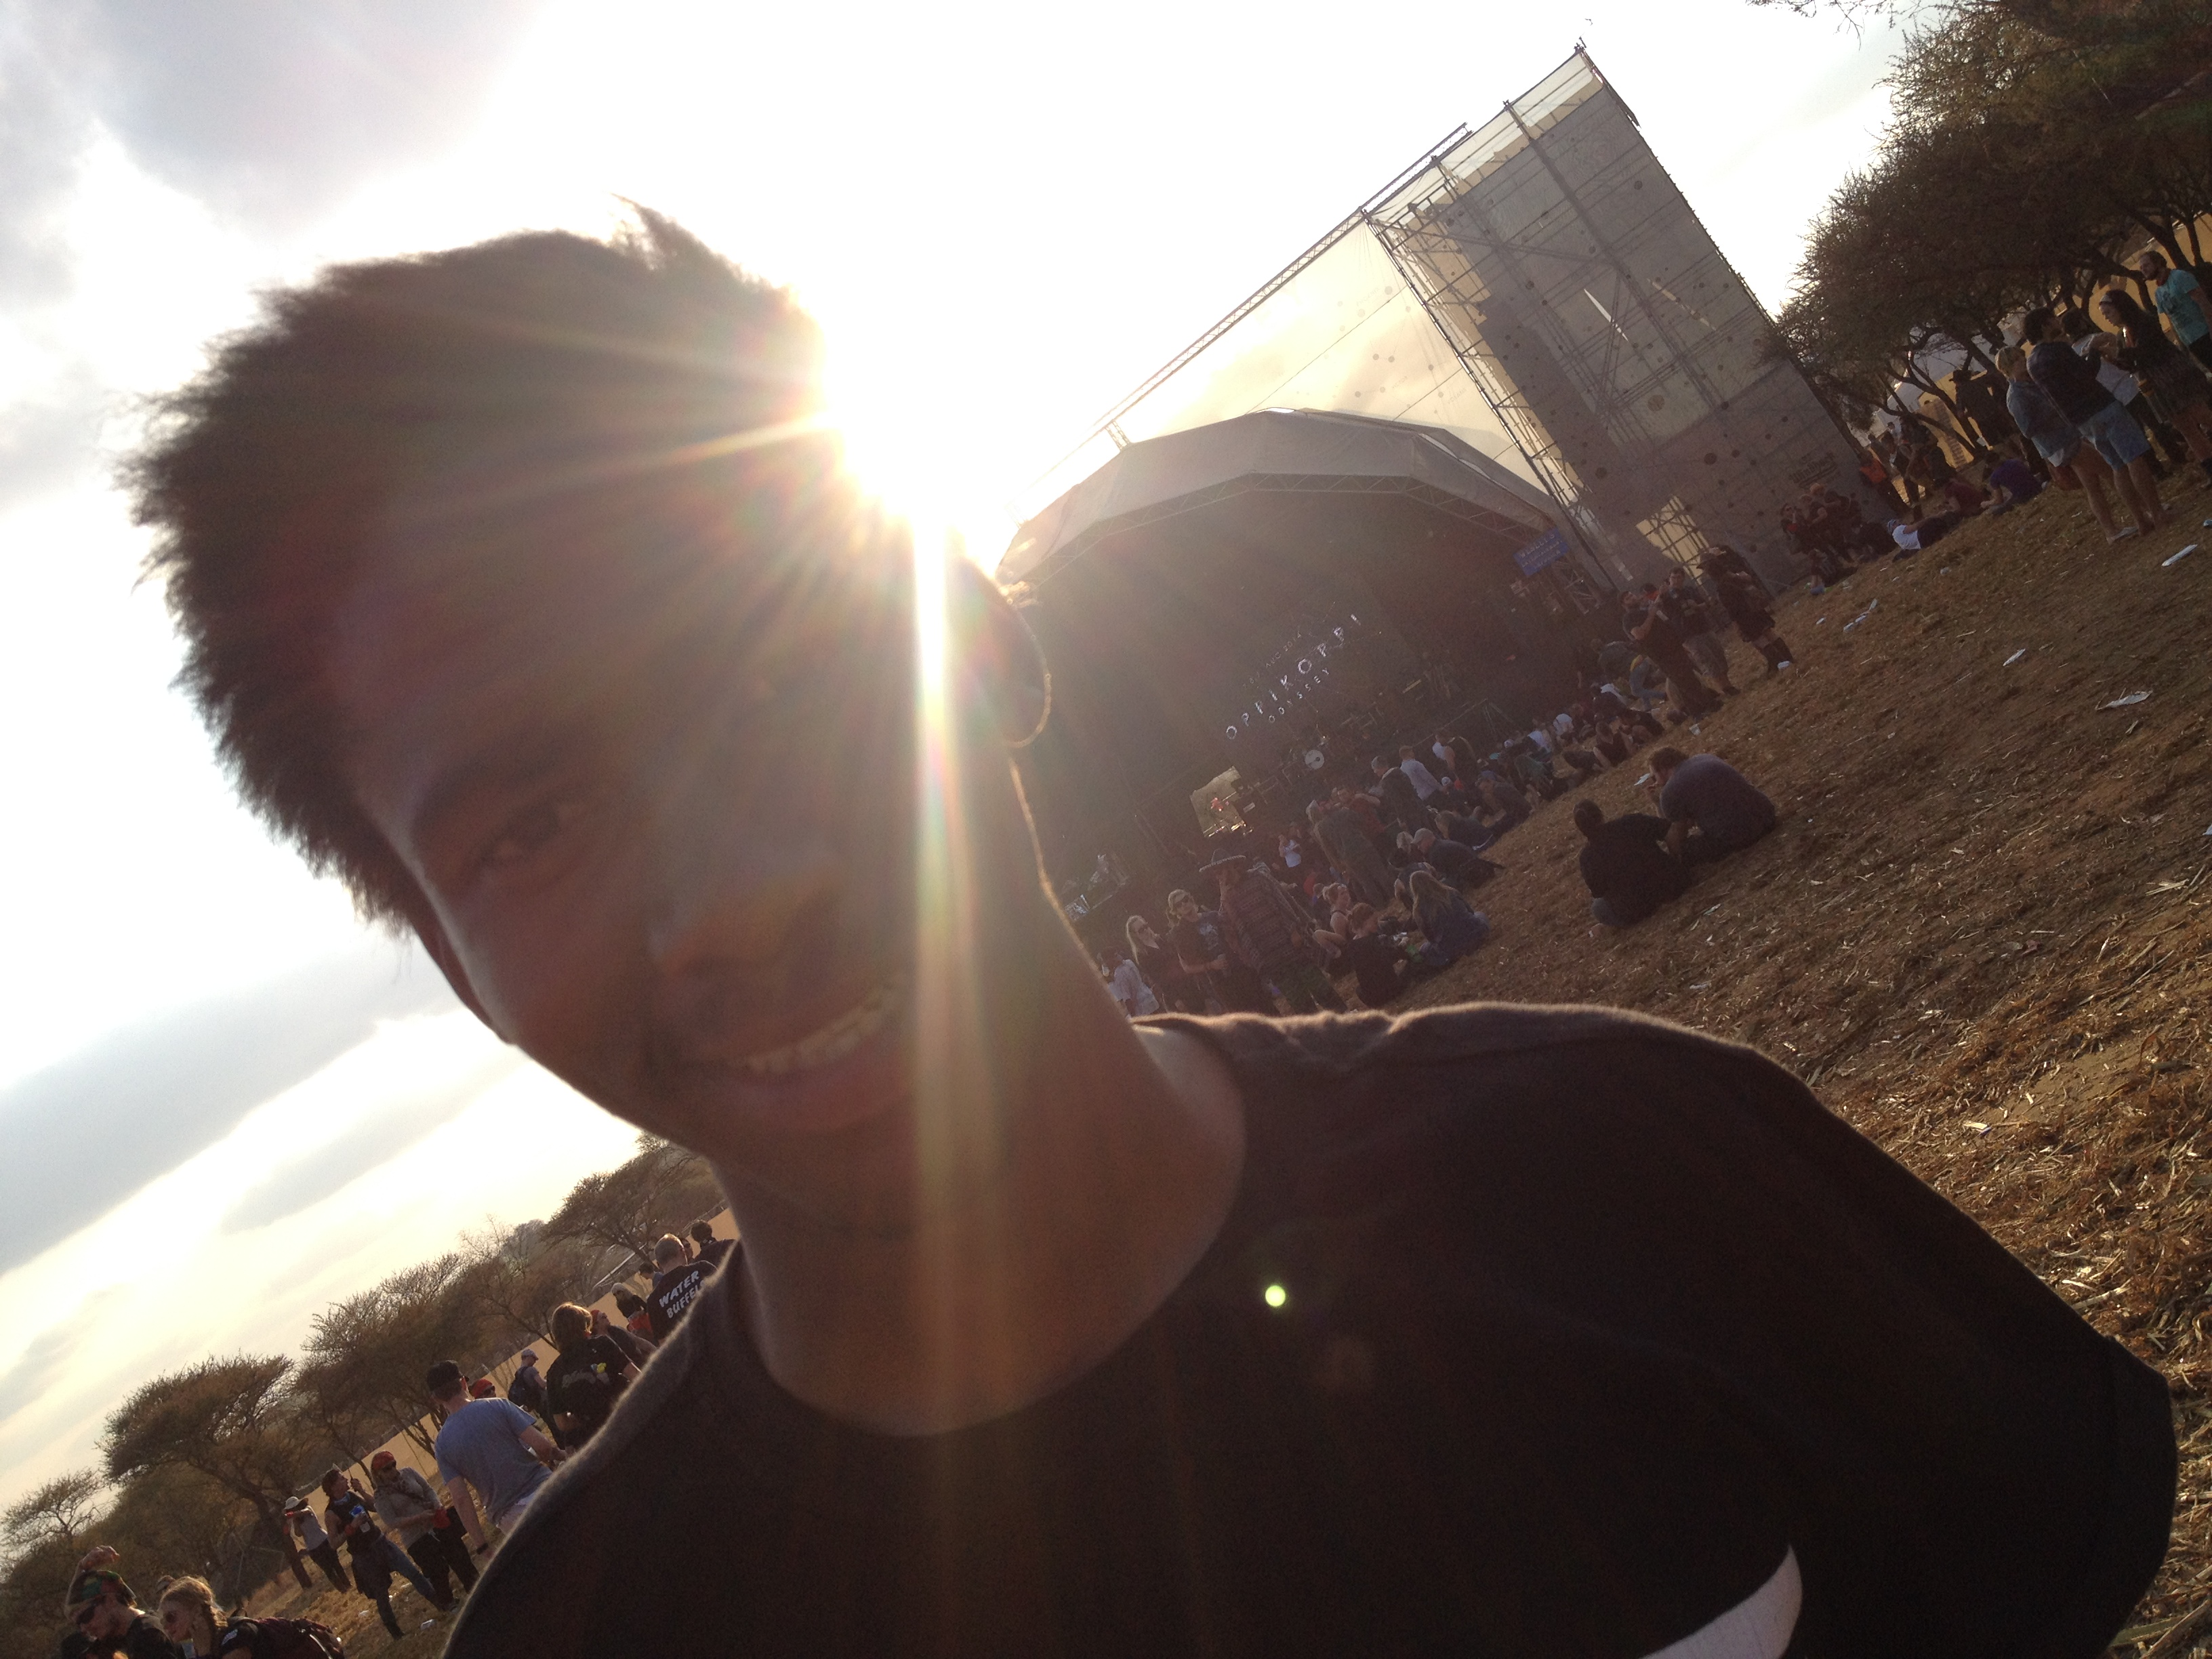 Oppikoppi Selfie